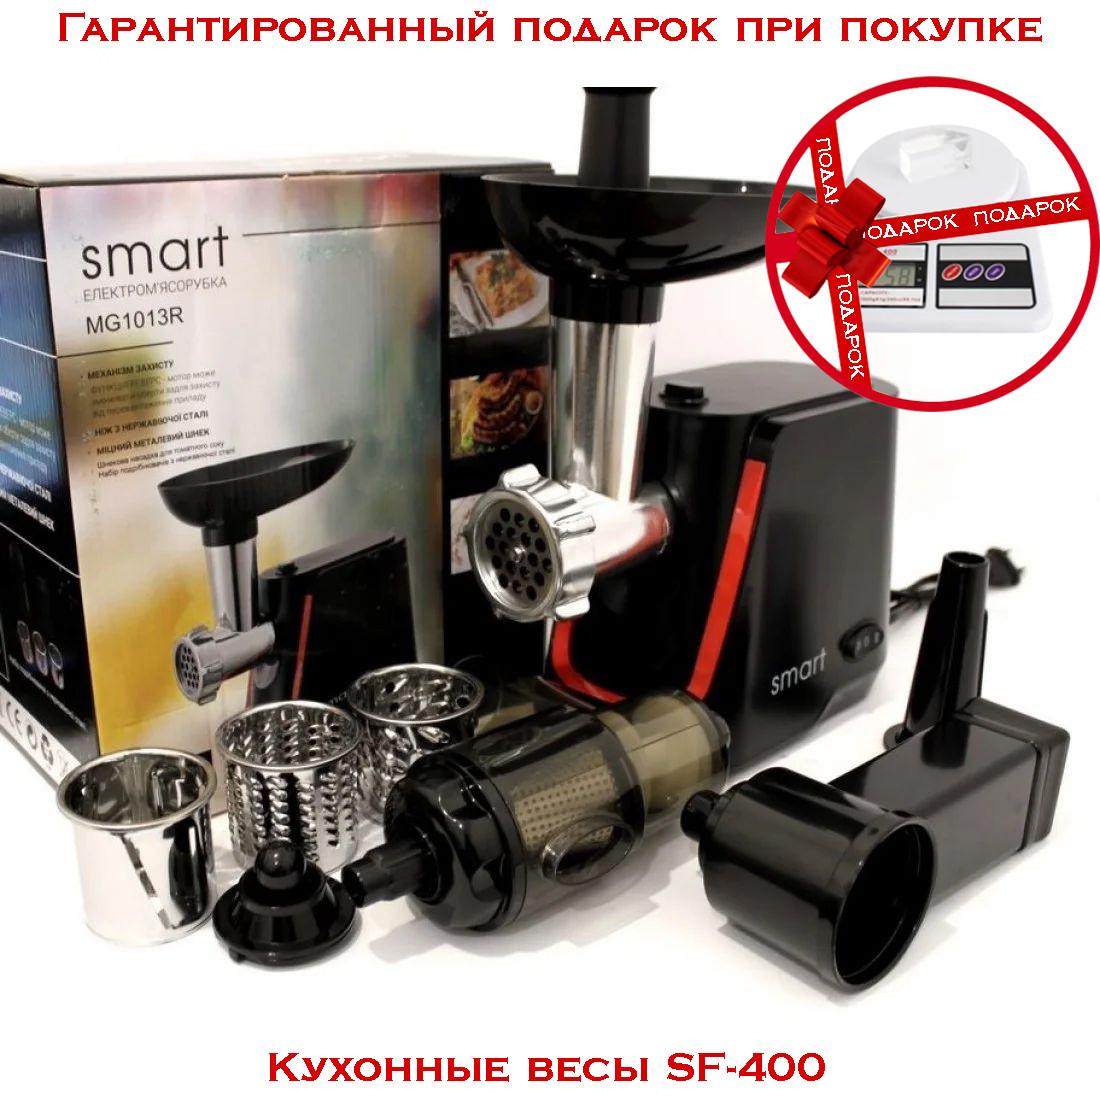 Мясорубка электрическая Smart MG-1013R 2000 Вт + кухонные весы SF-400